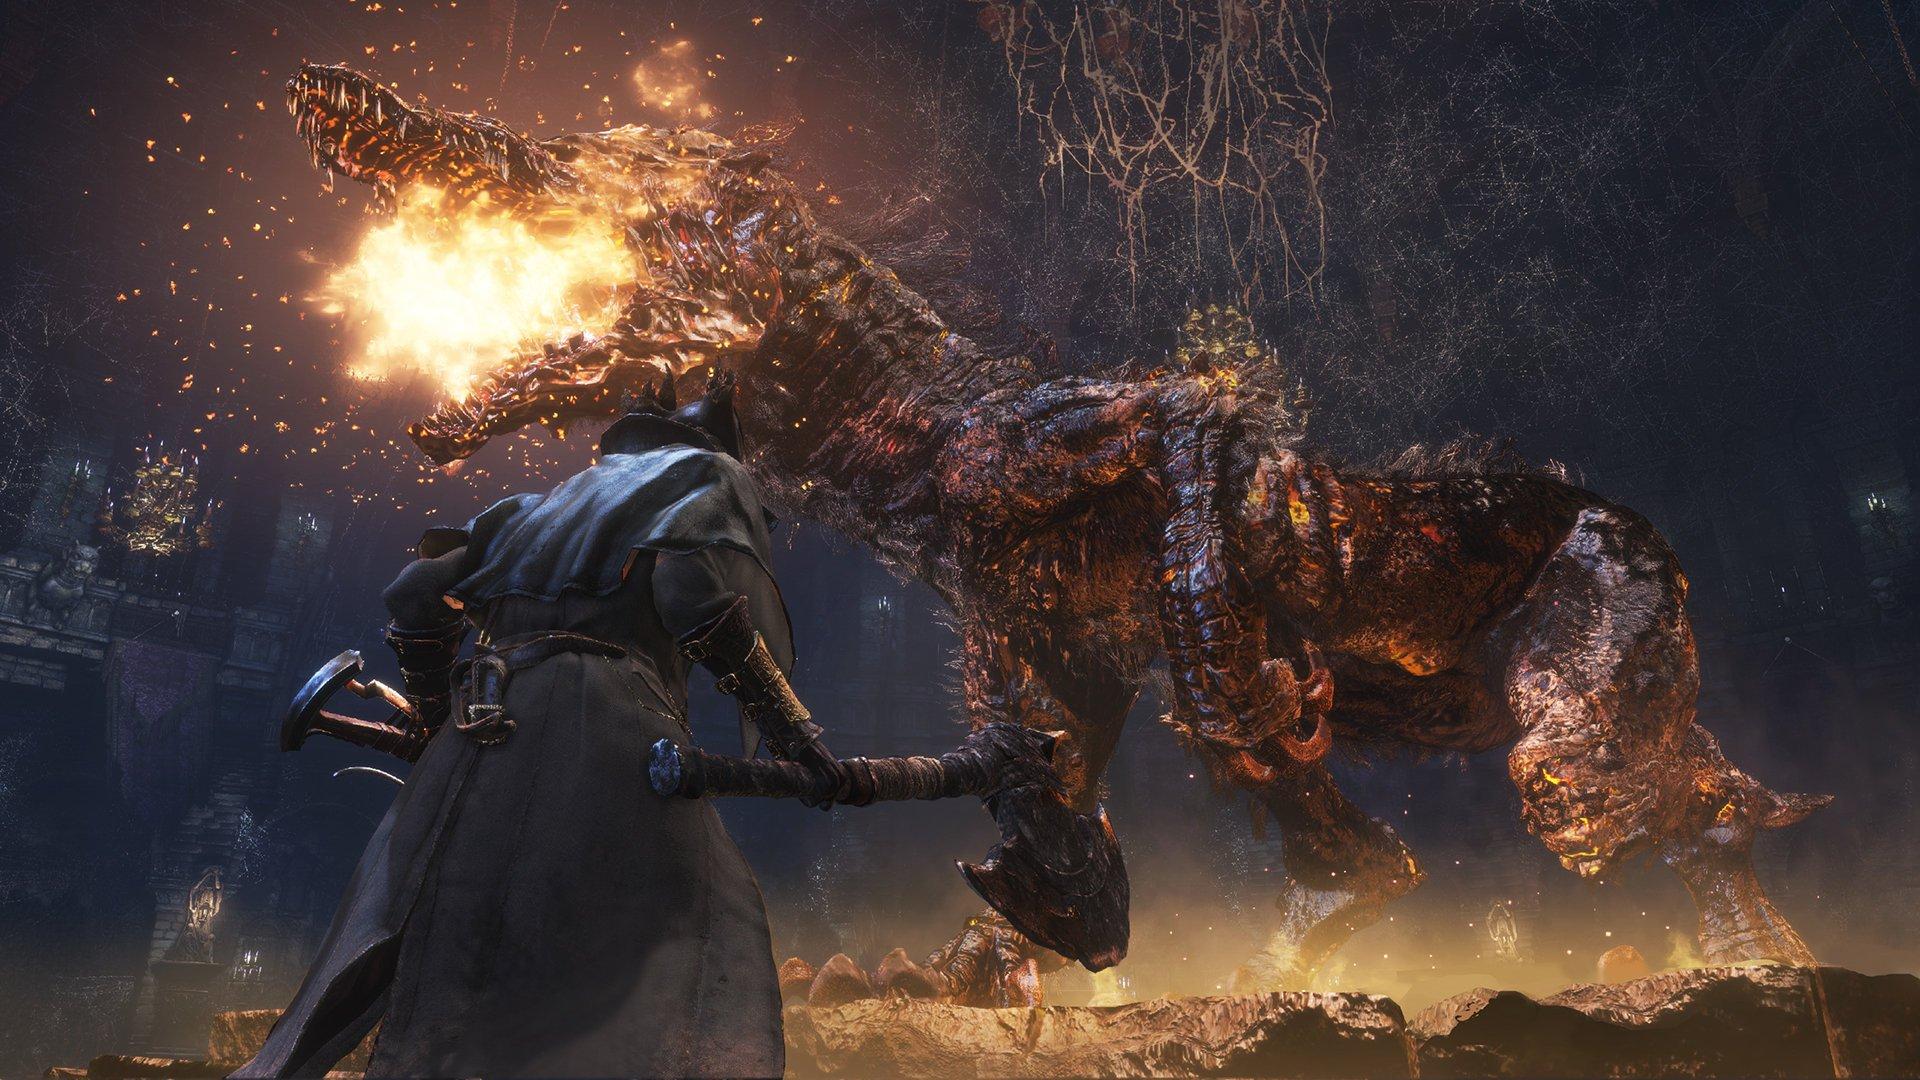 Bloodborne : мерзкие  твари и немного слов о некоторых локациях. - Изображение 1